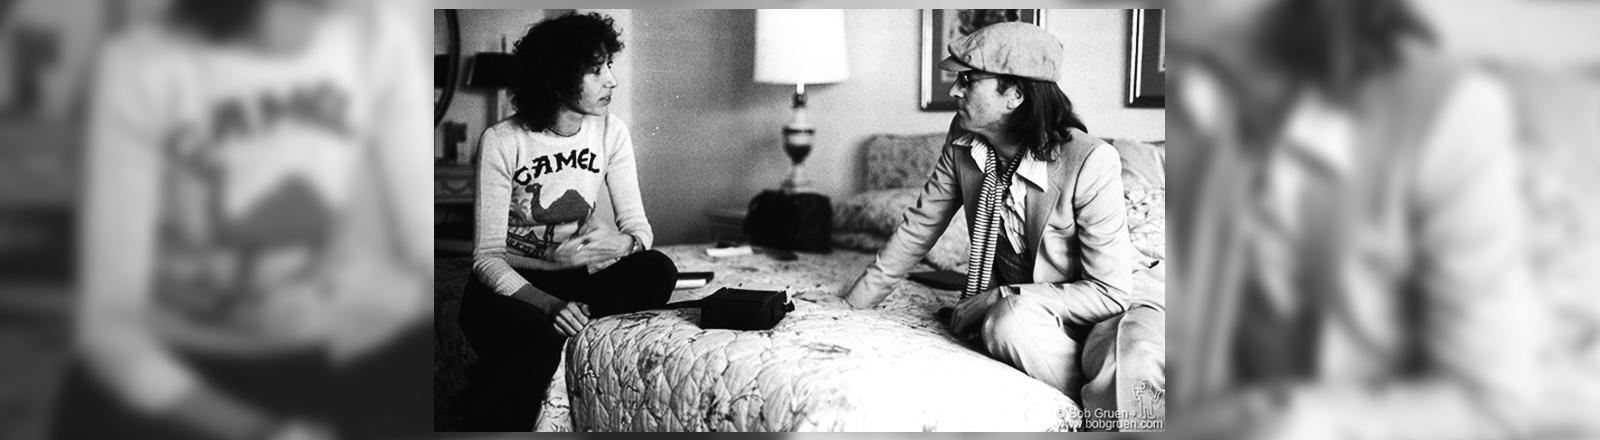 John Lennon und Frances Schoenberger sitzen auf einem Bett.